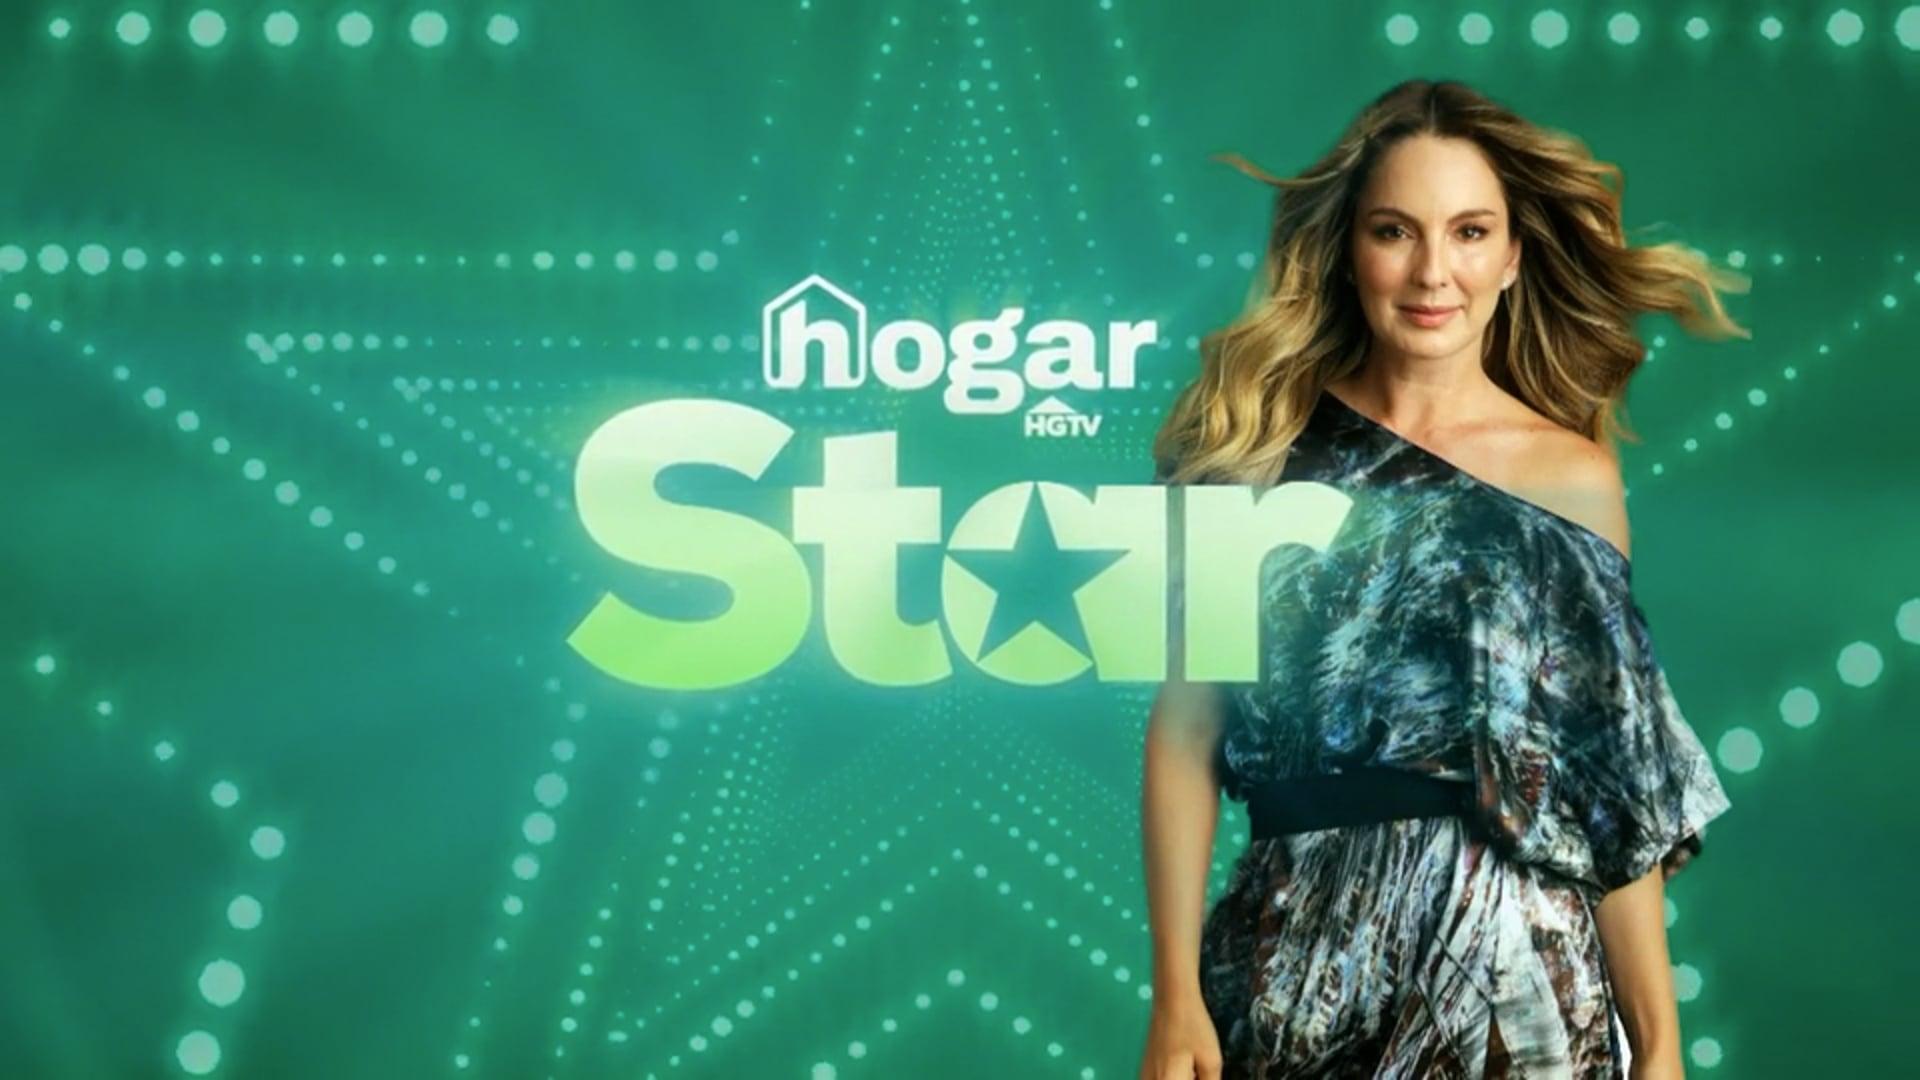 HGTV HOGAR STARS